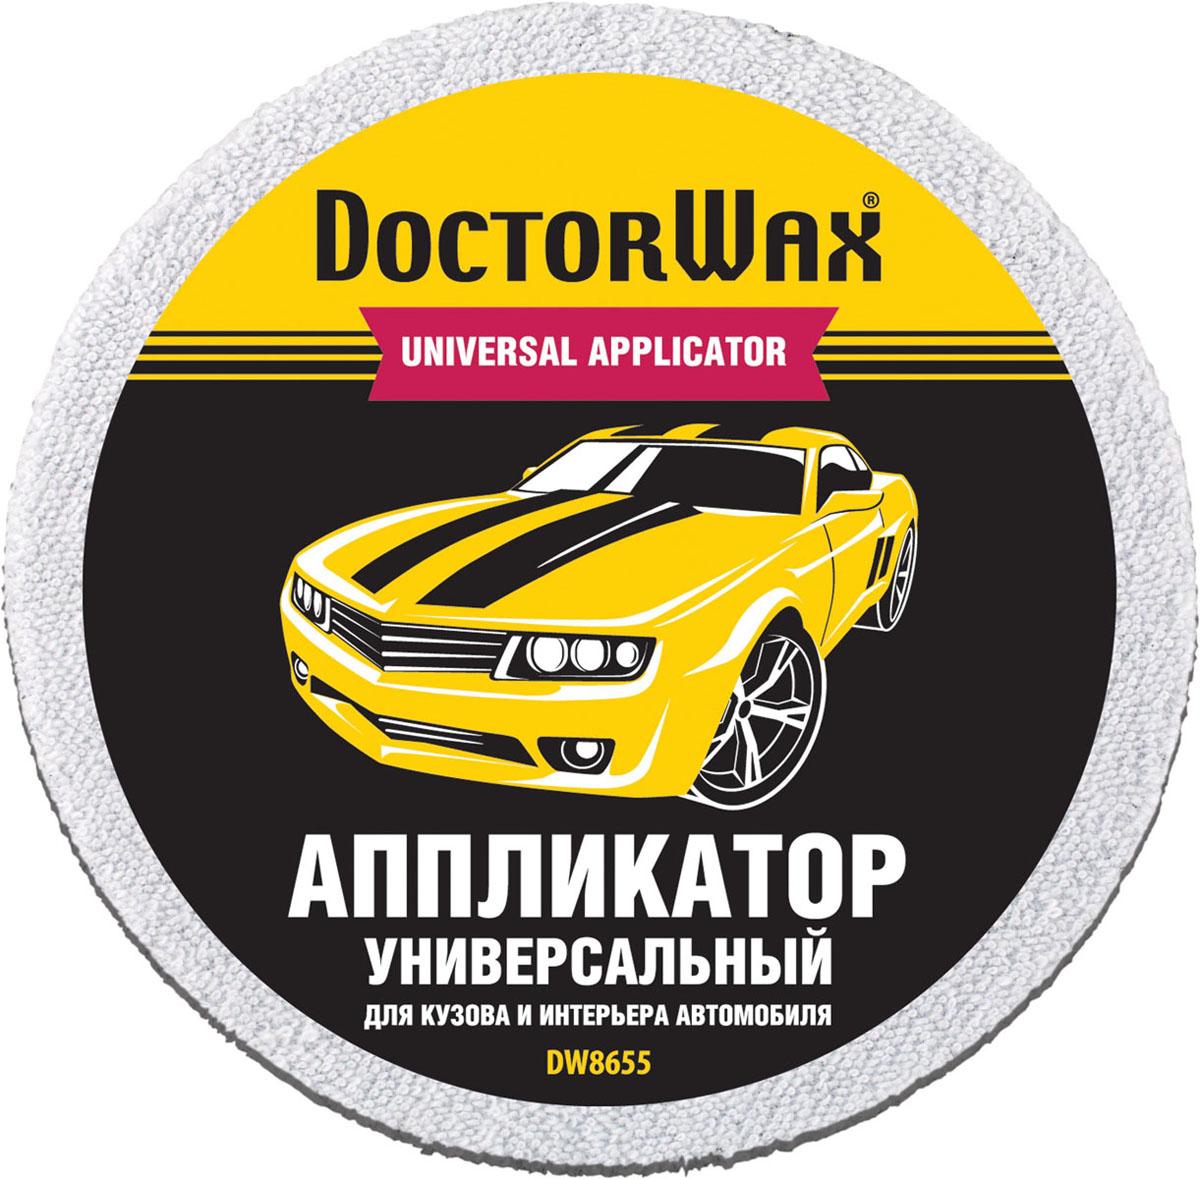 Аппликатор универсальный Doctor Wax для кузова и интерьера автомобиля. DW 8655 полироль защита очищающая doctor wax для старых покрытий 227 г